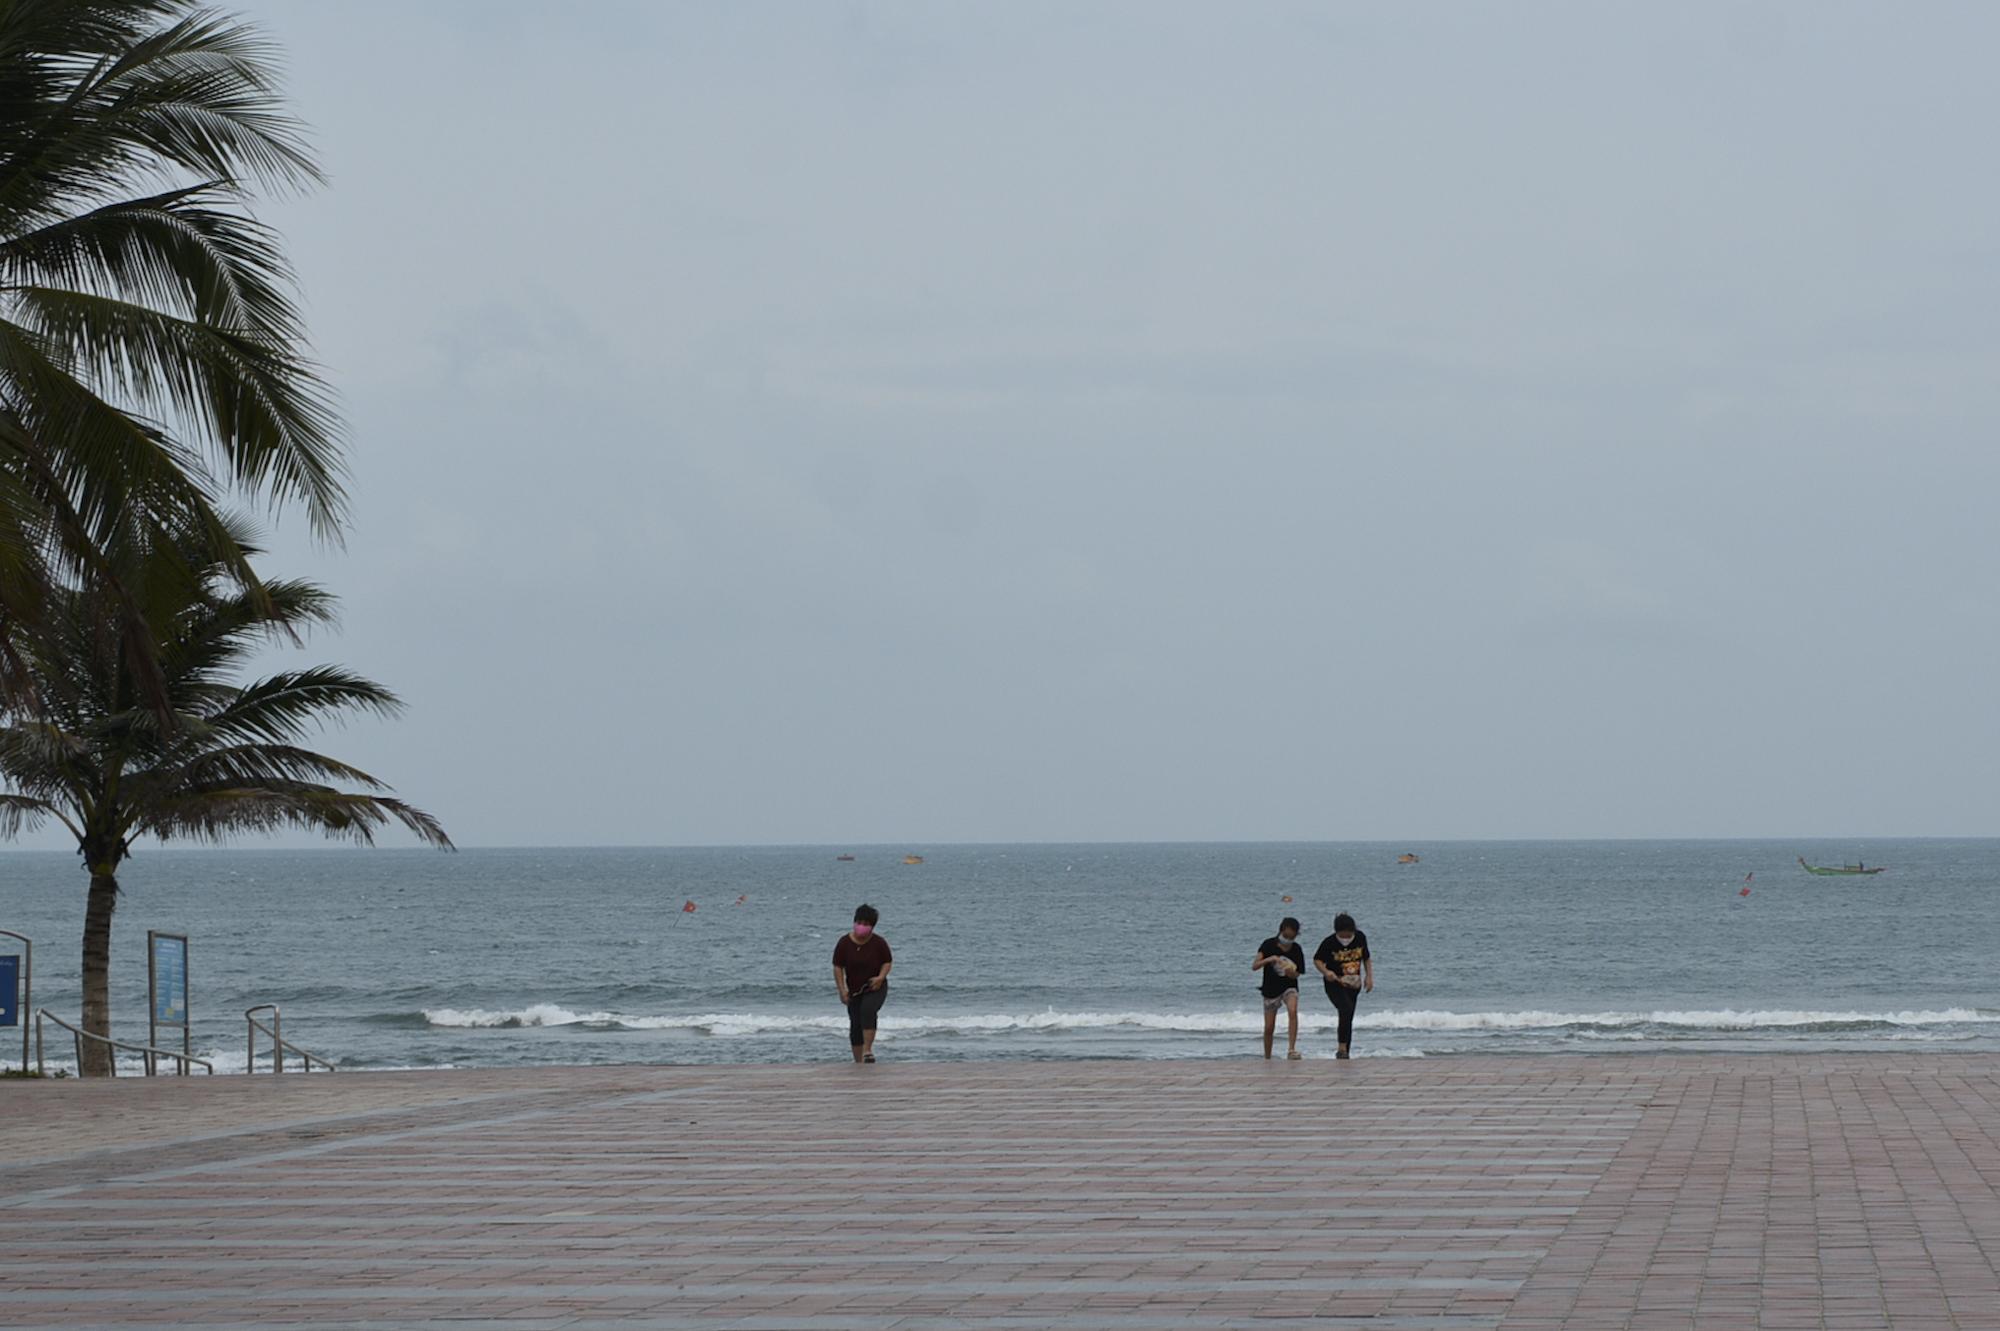 Người Đà Nẵng ra đường đông như không có cách li xã hội - Ảnh 11.